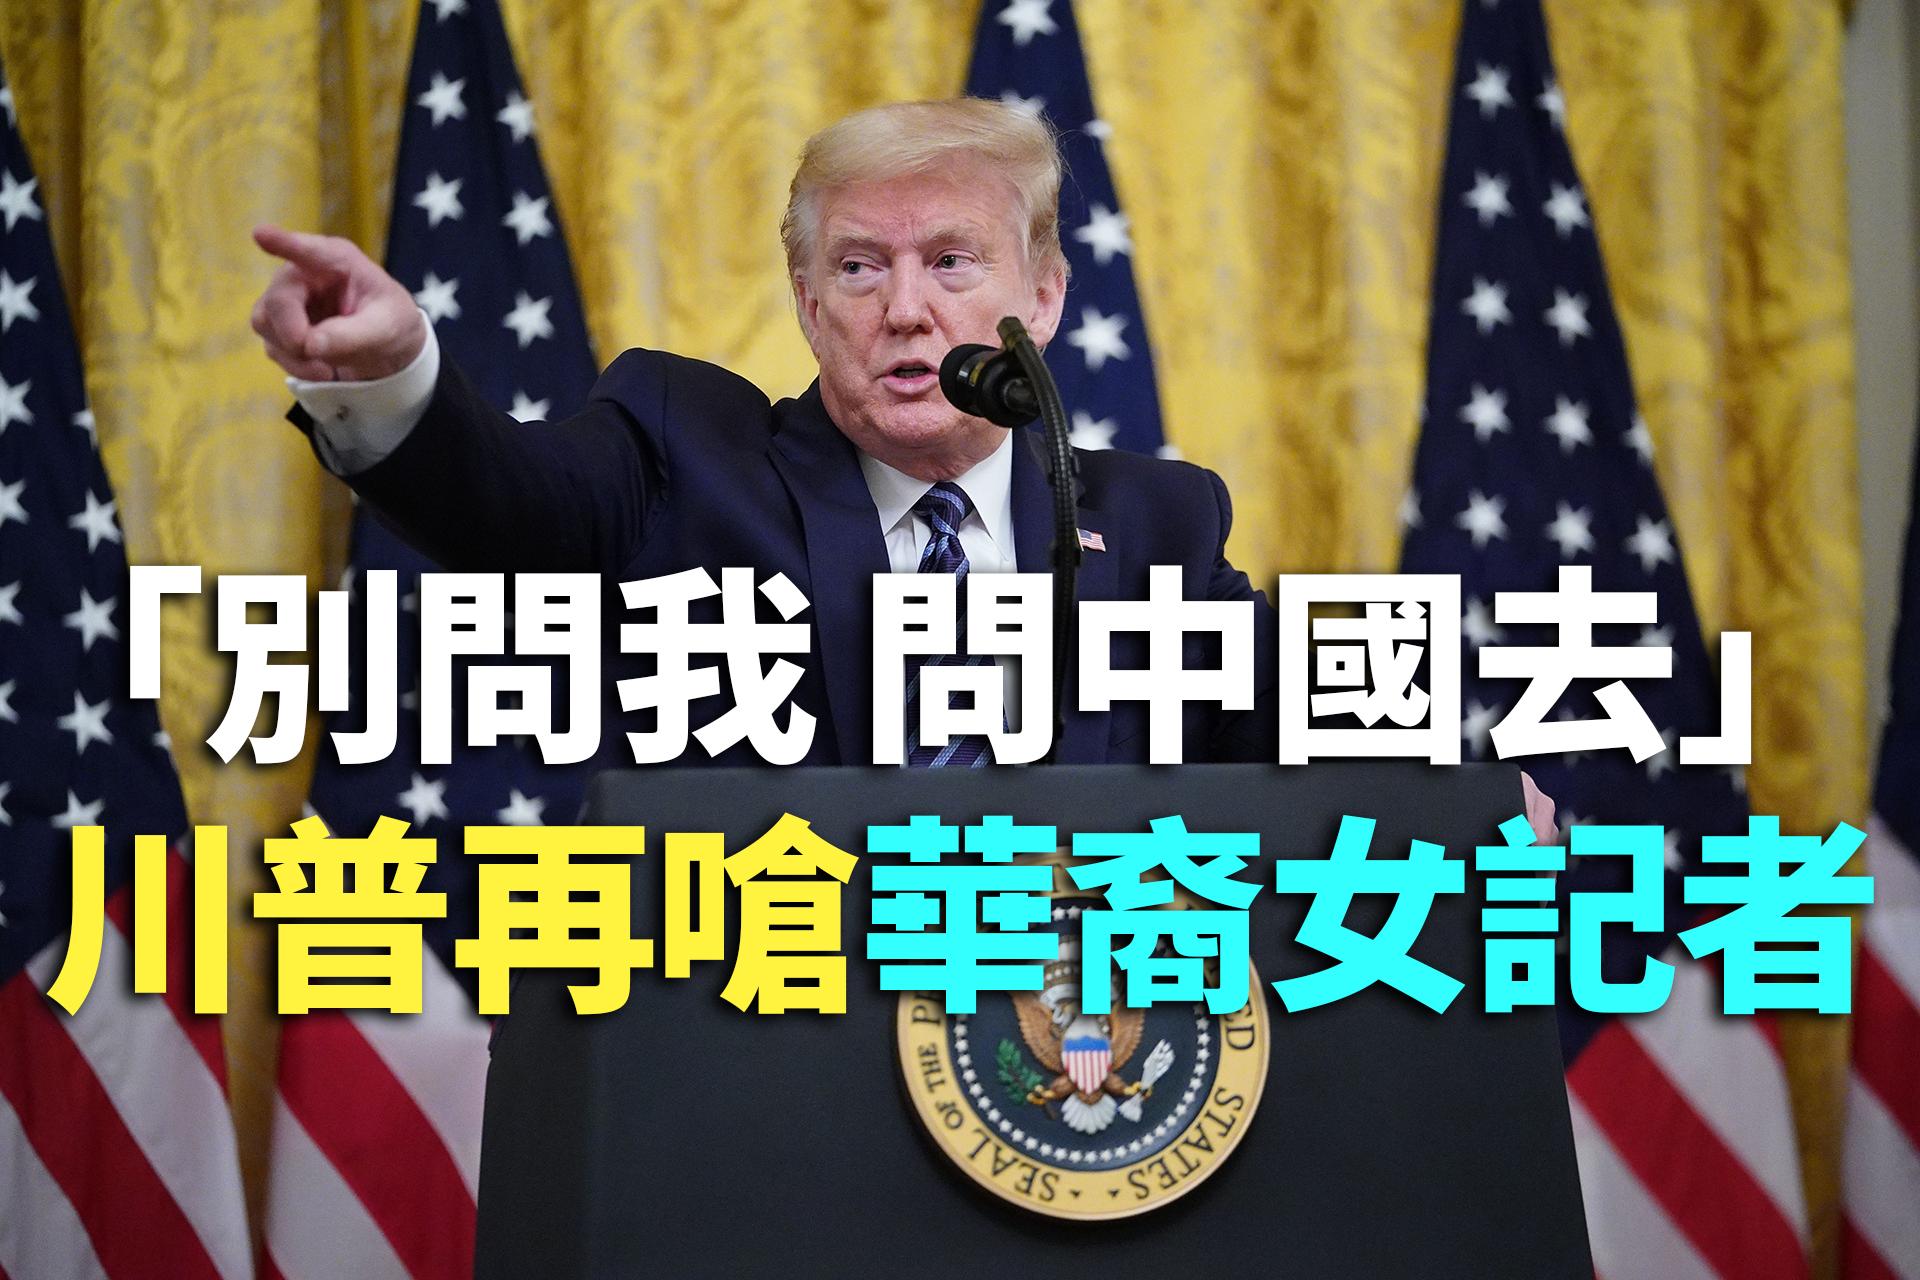 【紀元播報】「別問我 問中國去」特朗普再嗆華裔女記者